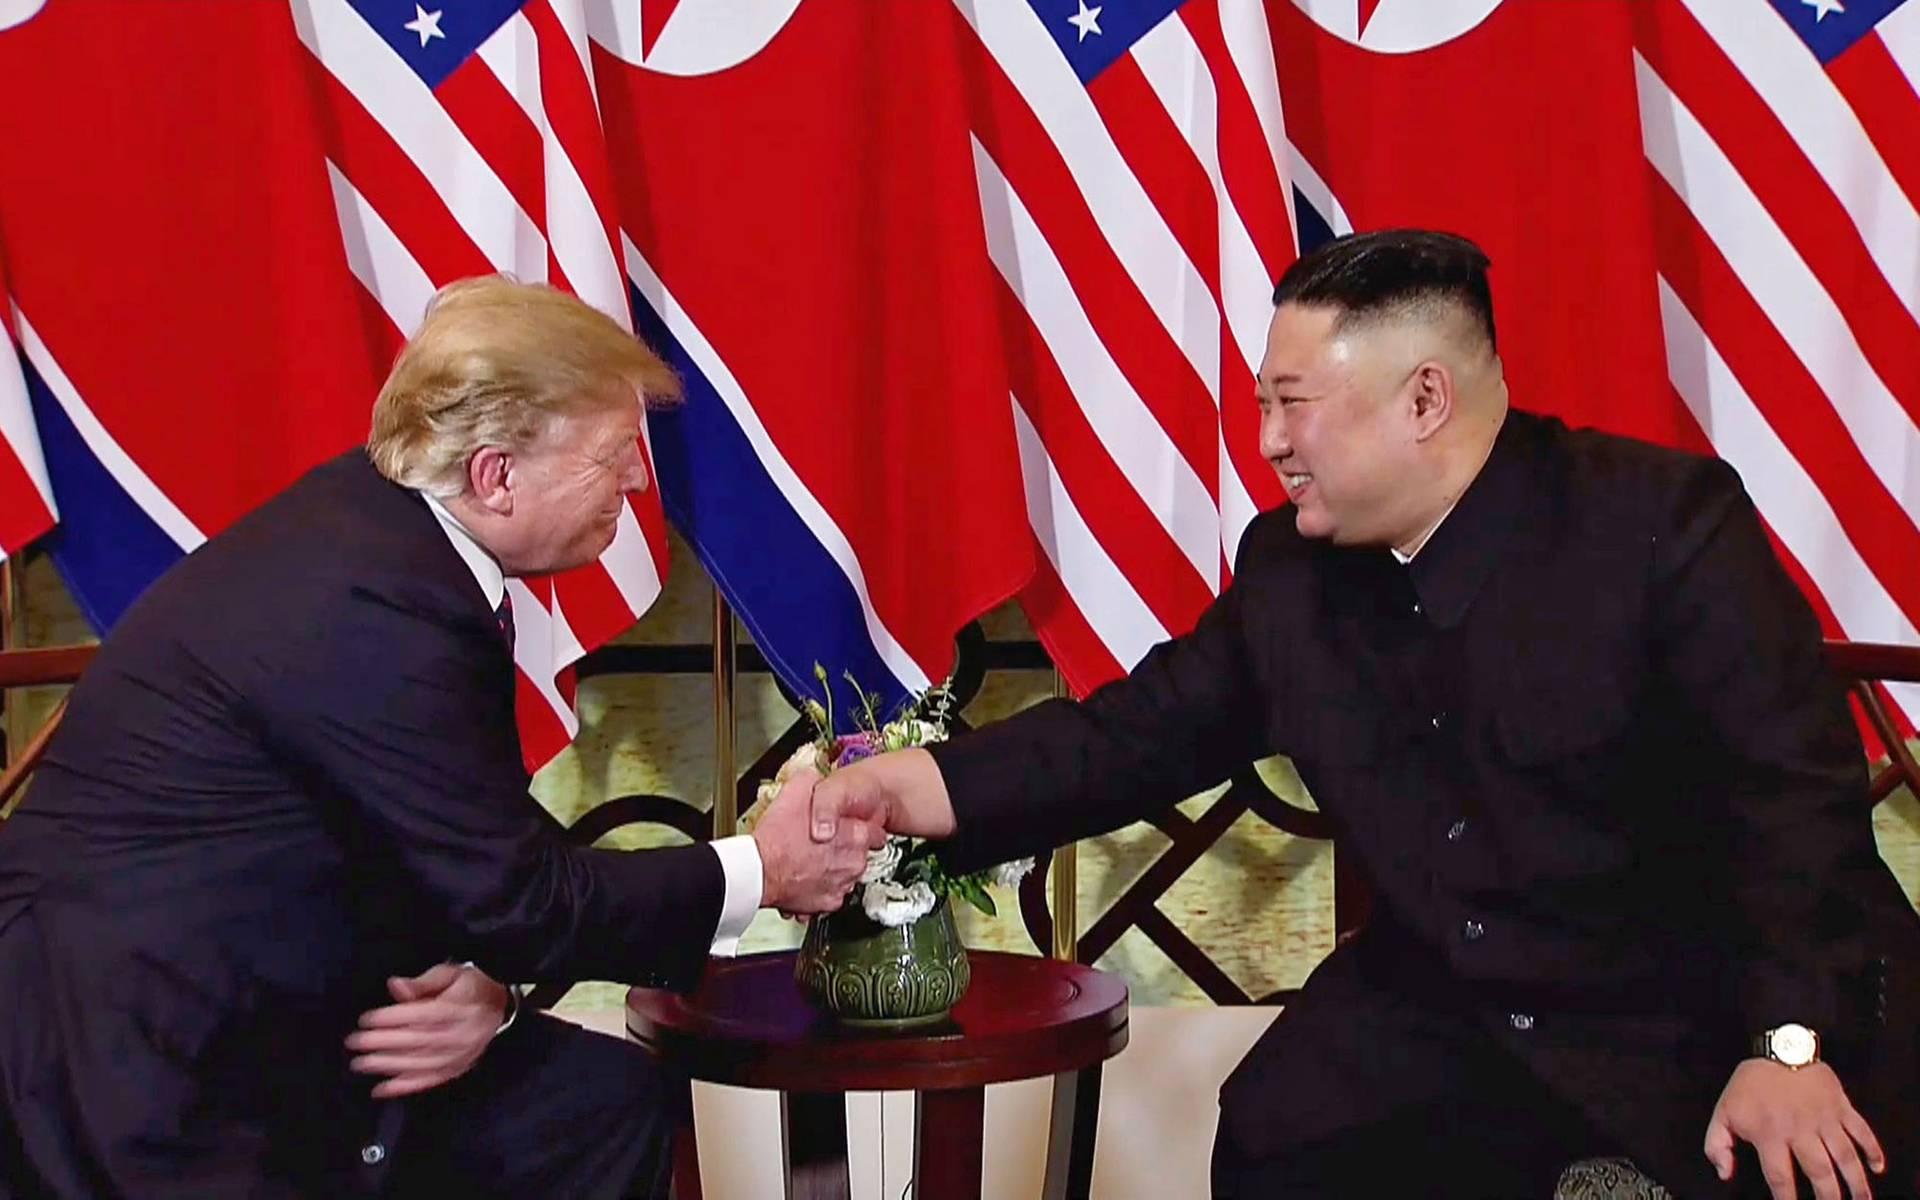 лідери США і Північної Кореї Дональд Трамп (ліворуч) і Кім Чен Ин так ні про що й не домовились, але наговорили один одному компліментів, Ханой, В'єтнам, 27 лютого 2019 року